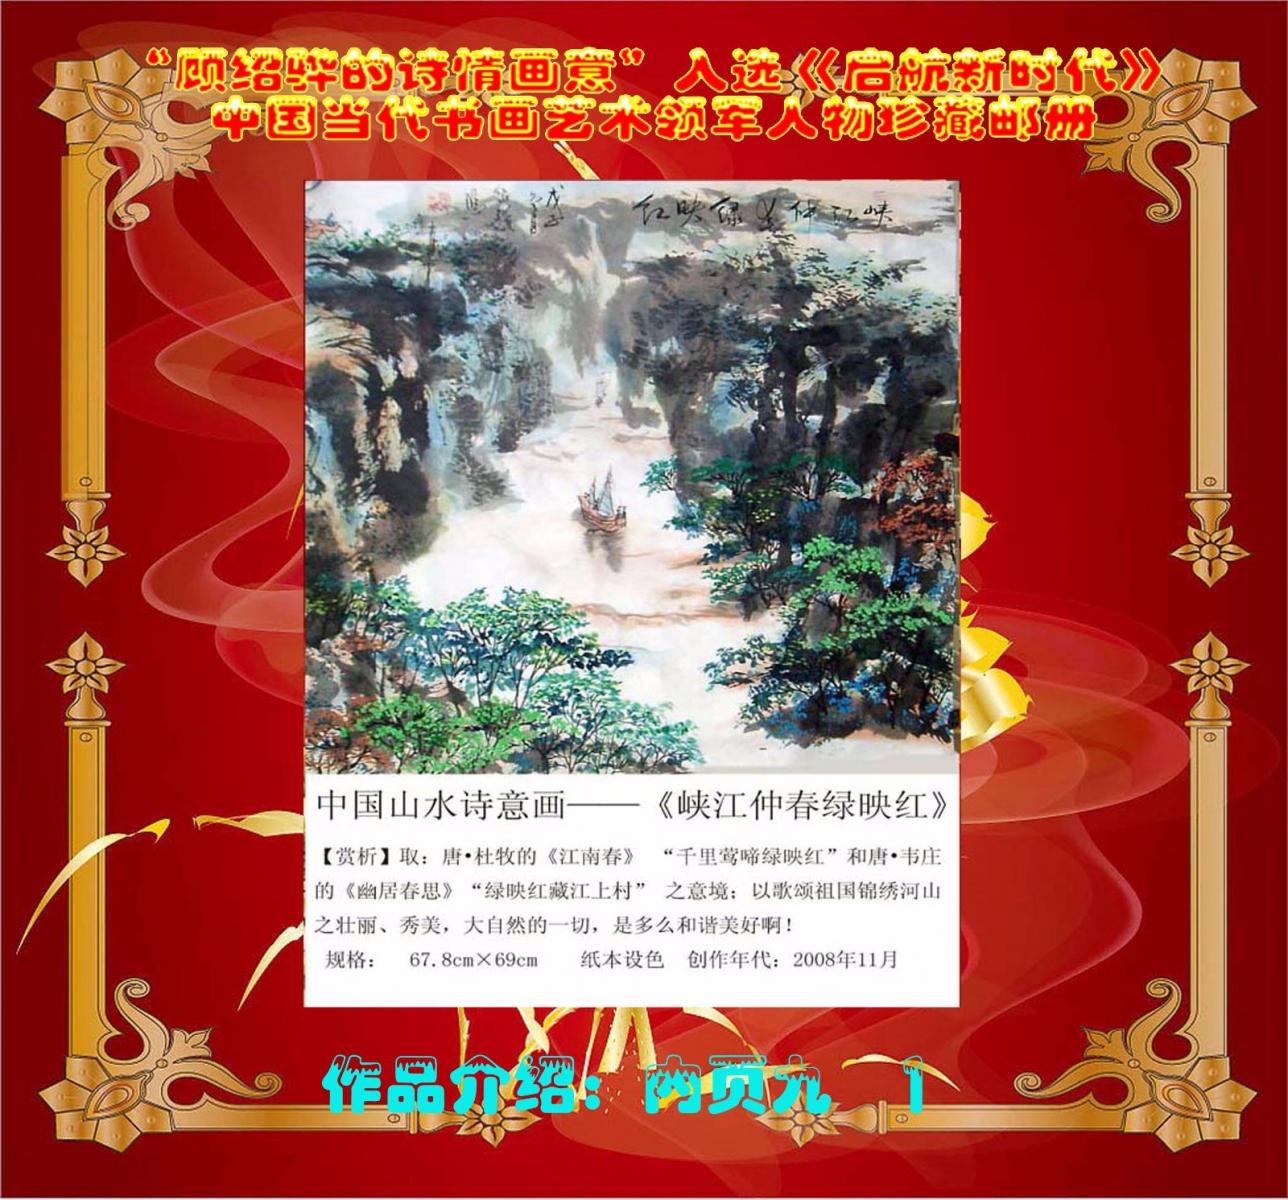 """""""顾绍骅的诗情画意""""入选《启航新时代》中国当代书画艺术领军人物珍藏集邮册 ... ..._图1-28"""